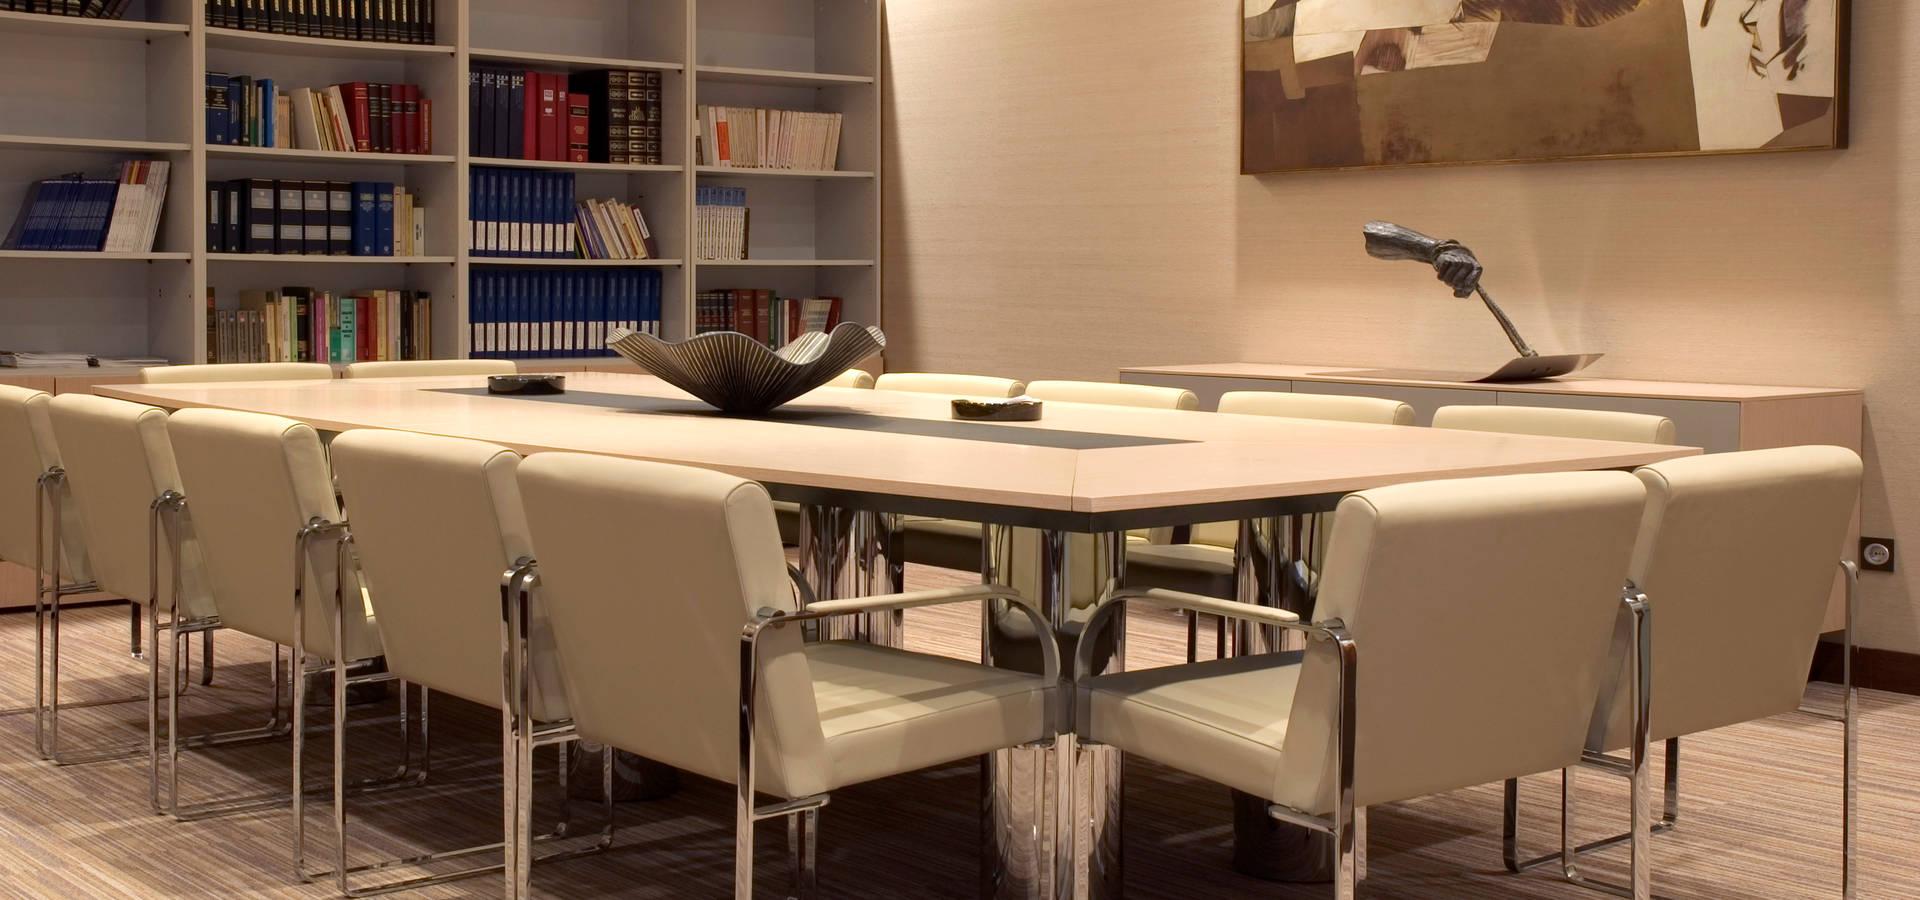 Dimensi on decoradores y dise adores de interiores en madrid homify - Disenadores de interiores madrid ...